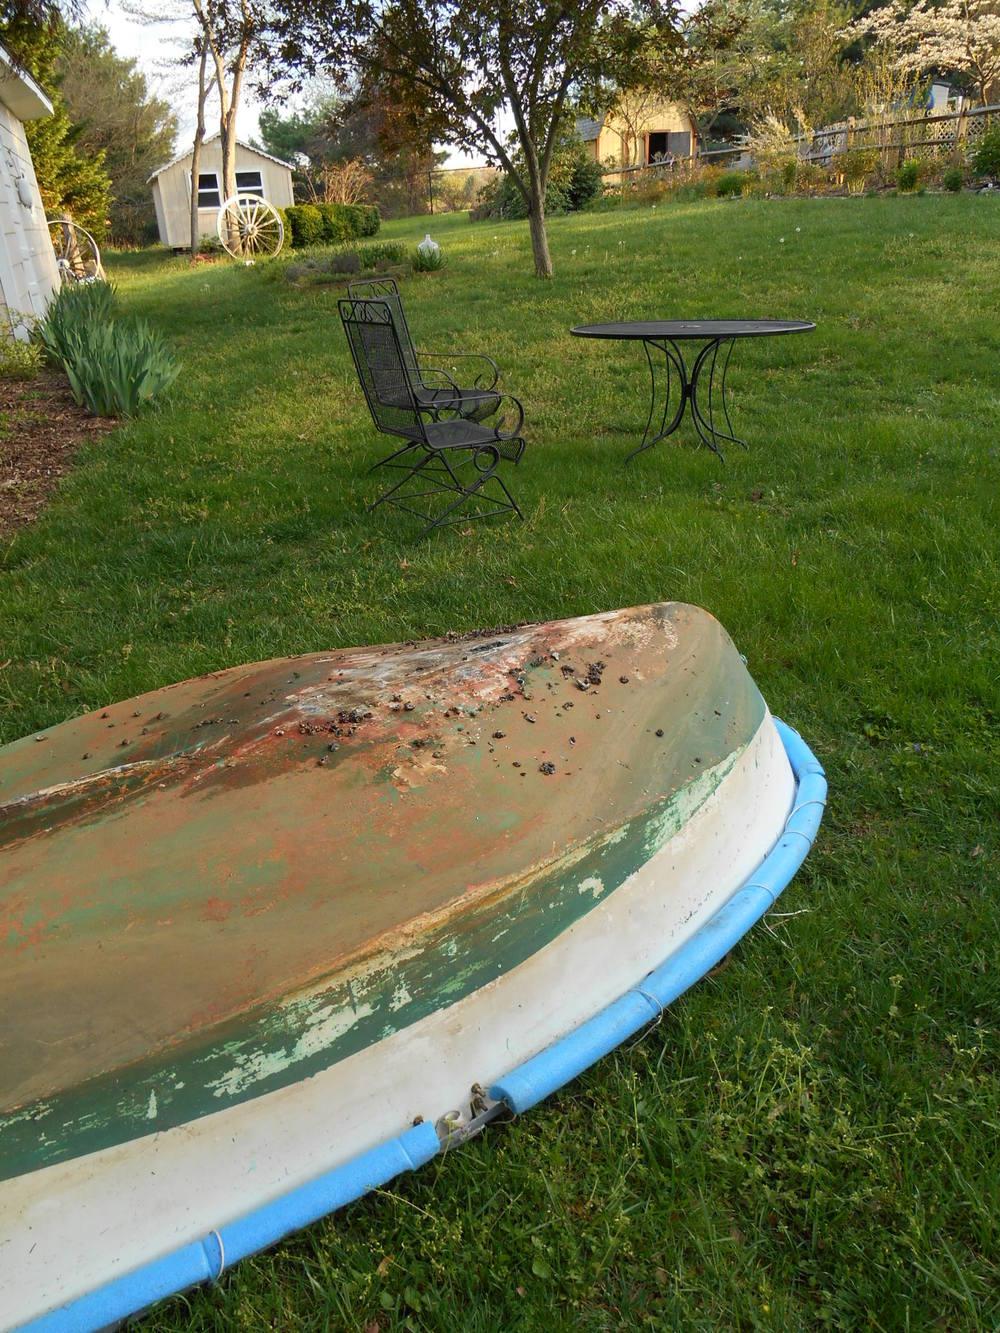 Lark's dinghy ... battered after a hard winter ...